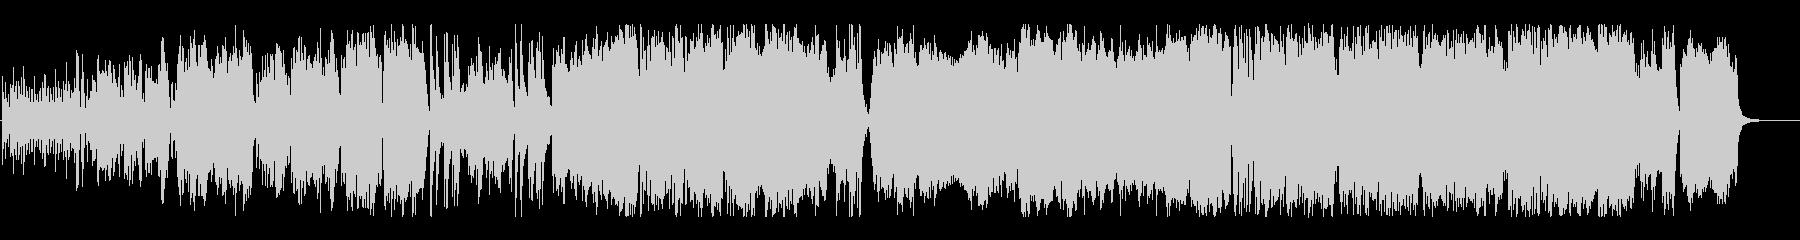 ストリングスが特徴的な街の曲の未再生の波形